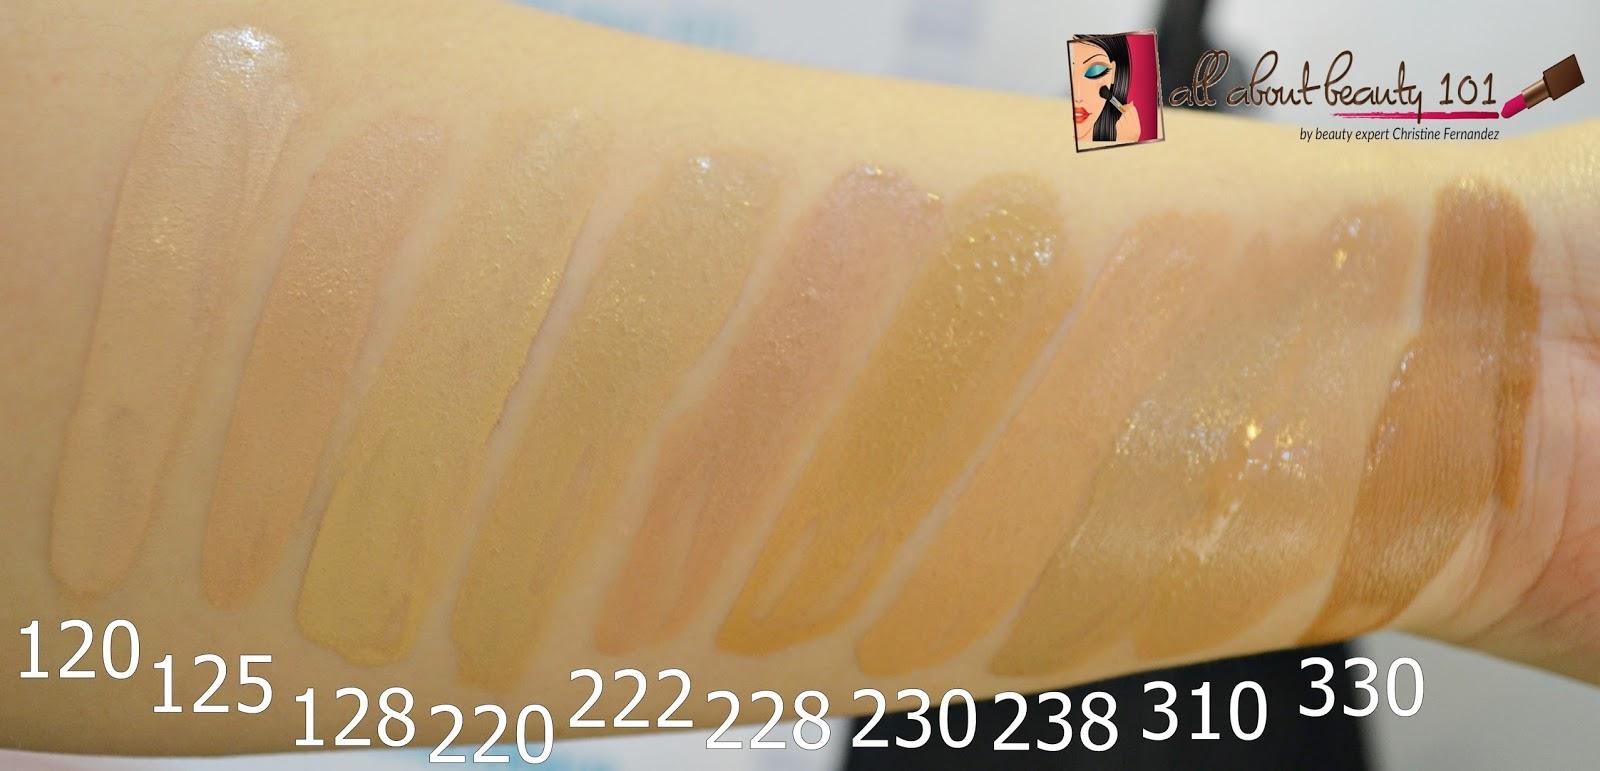 Fresh 2017 Skincare Set Review